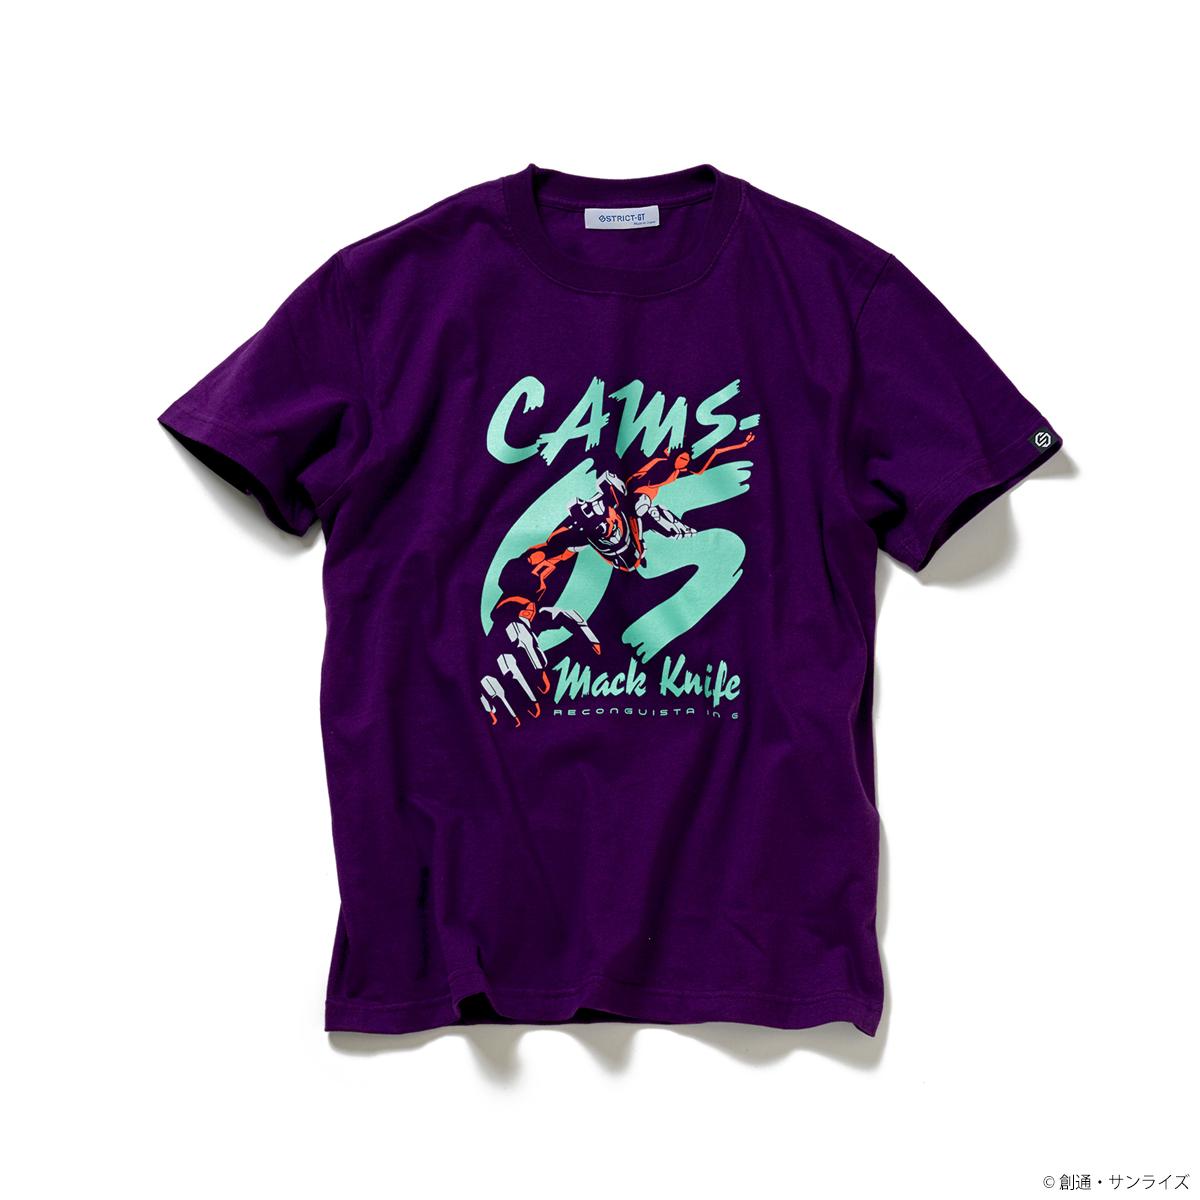 劇場版『Gのレコンギスタ I』「行け!コア・ファイター」上映記念コレクション Tシャツ マックナイフ